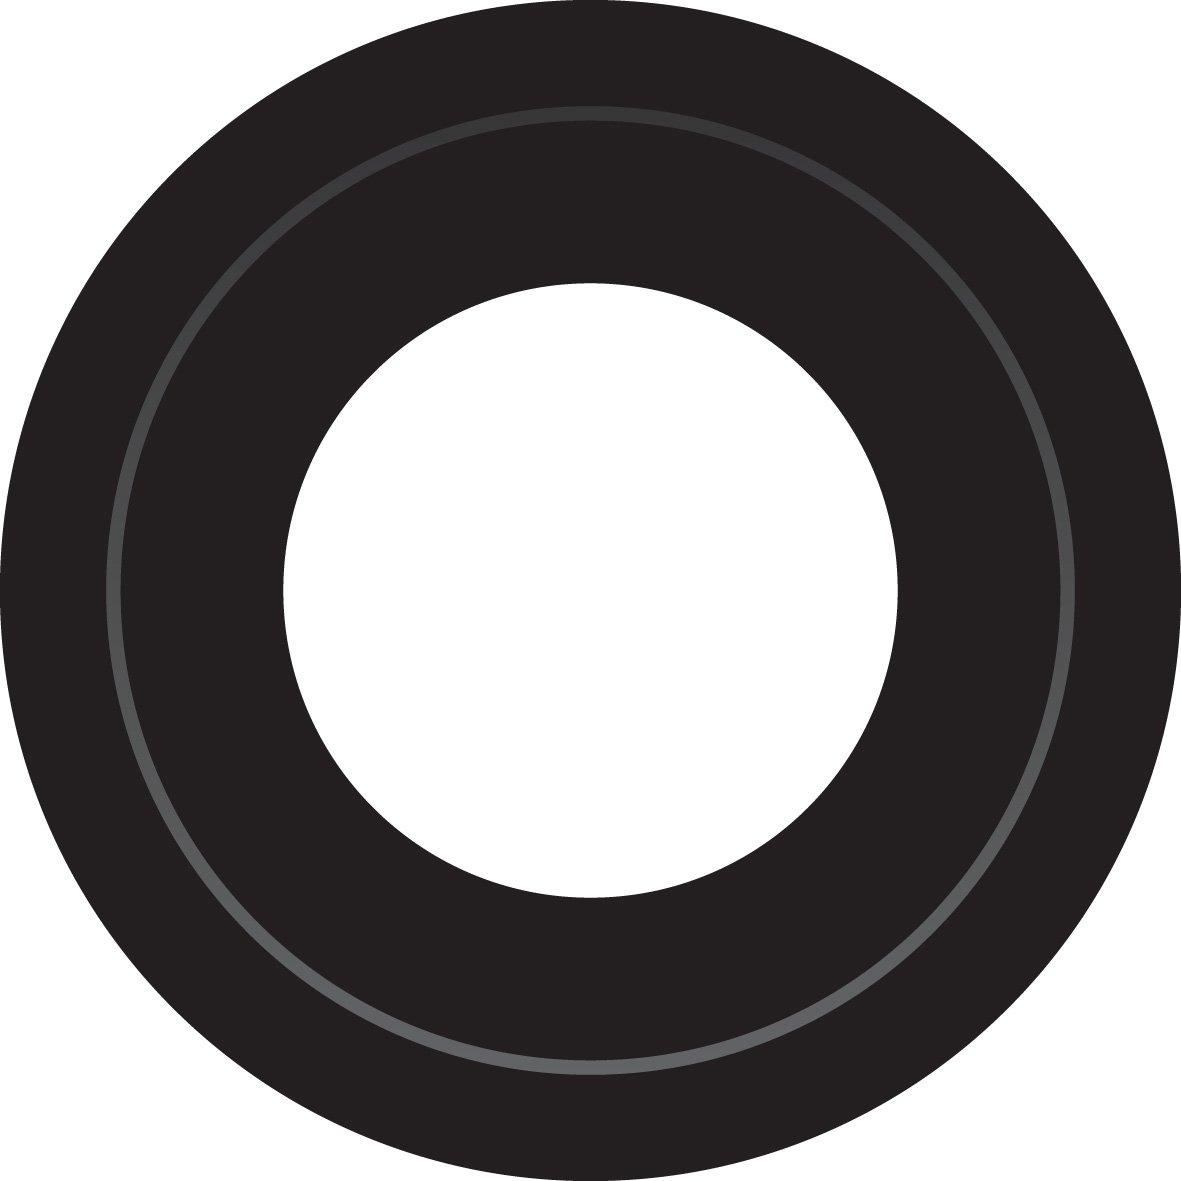 Lee Adaptor Ring 52mm Standard [FHCAAR52]